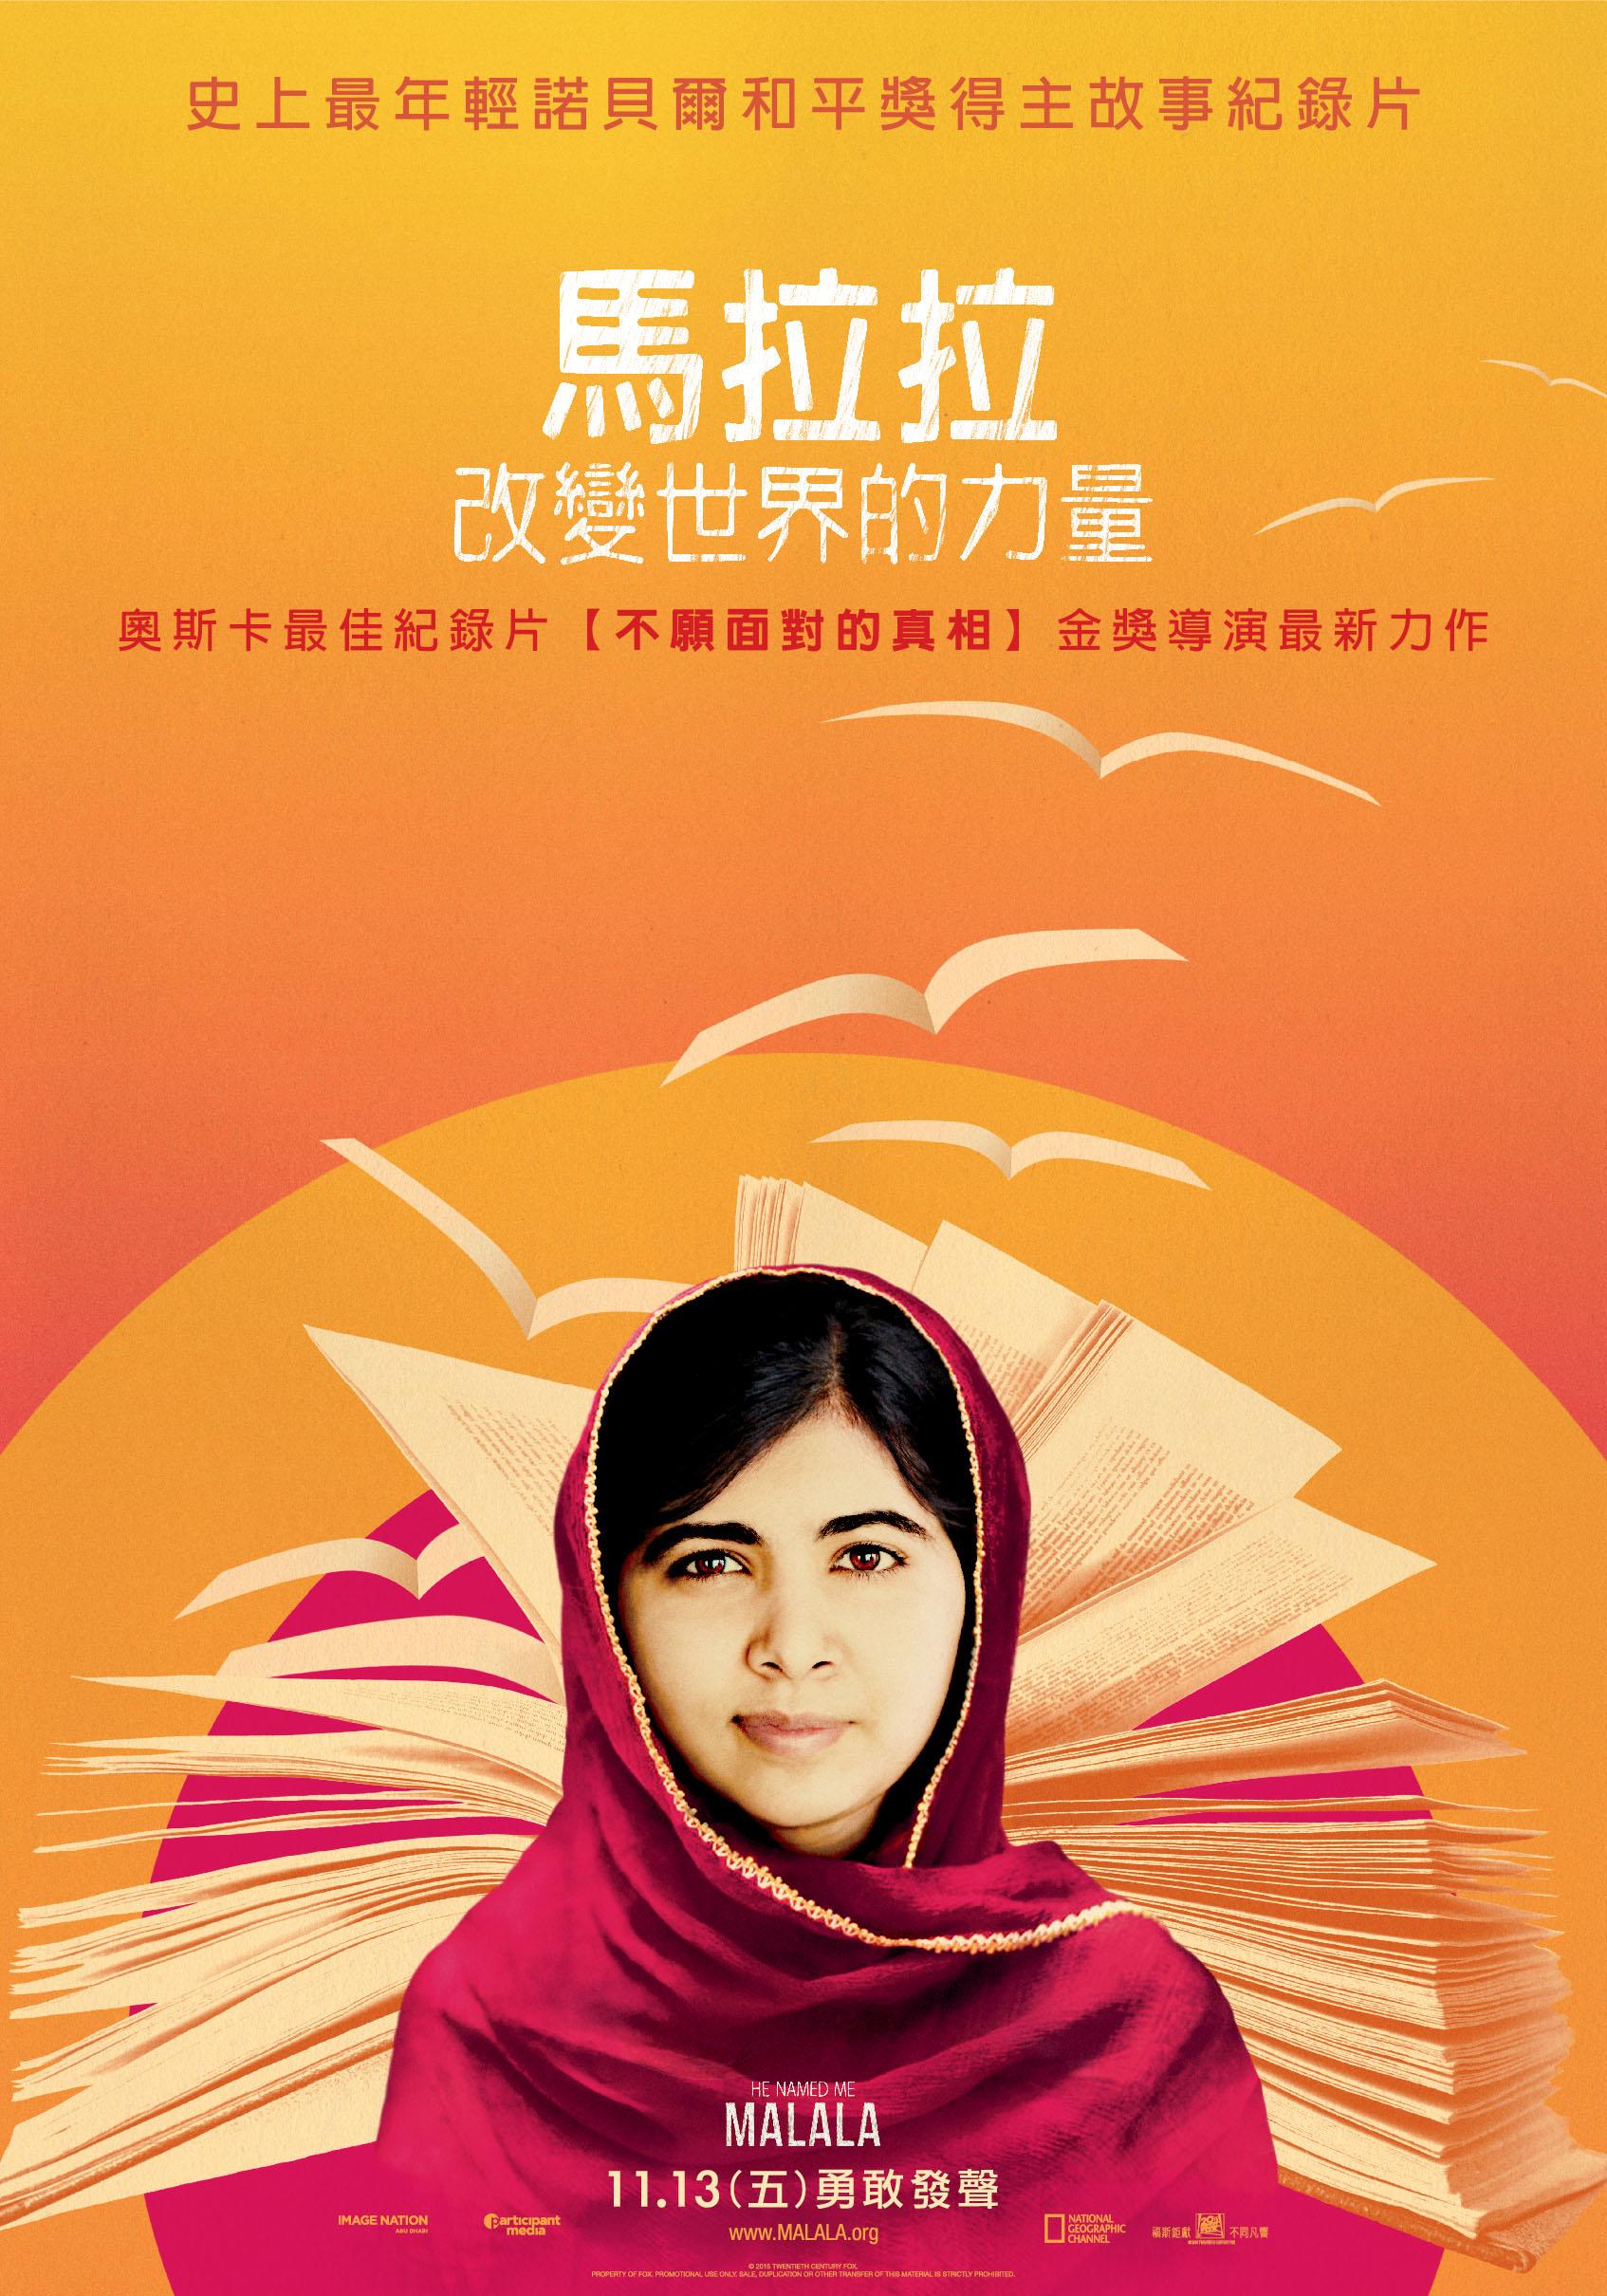 史上最年輕諾貝爾和平獎得主故事紀錄片《馬拉拉:改變世界的力量》邀你一同見證一個十八歲女孩慘遭槍擊劫後餘生的勇敢奇蹟